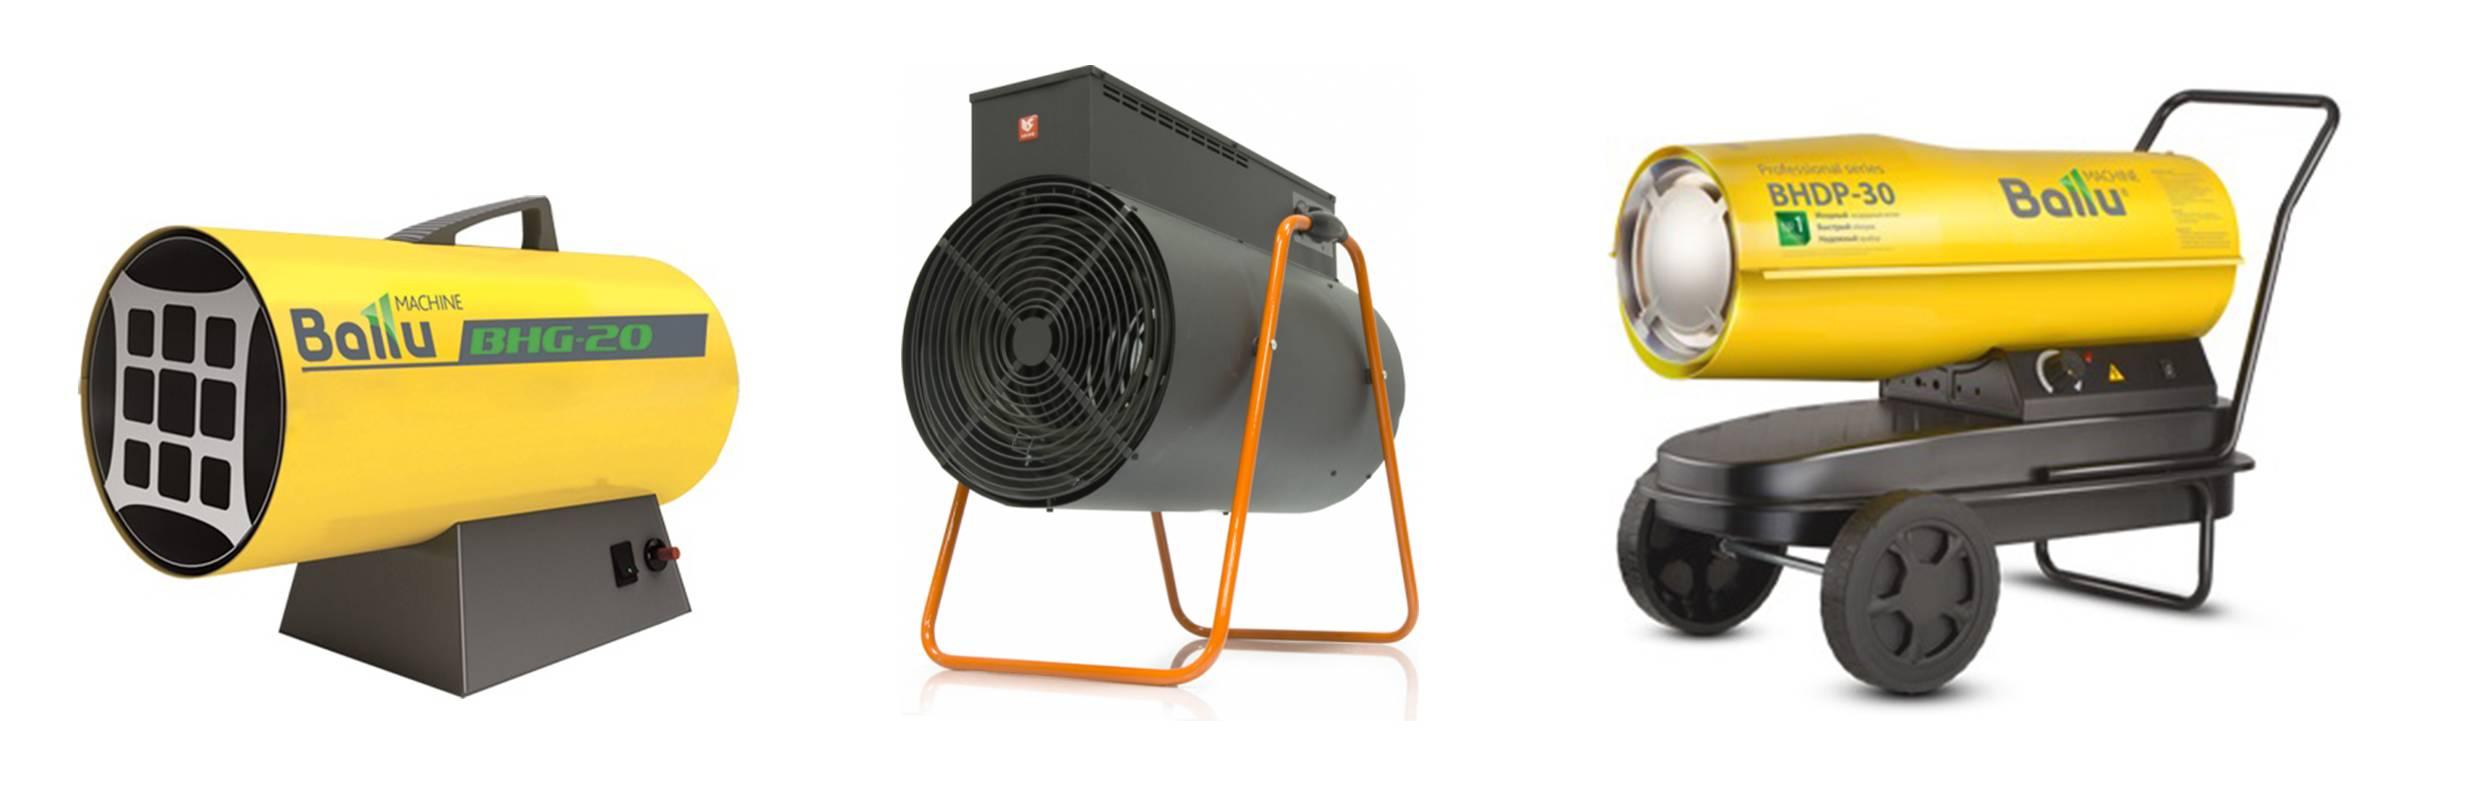 Тепловые керамические пушки: какая лучше тэновая или с нагревателем из керамики? обзор электрических моделей